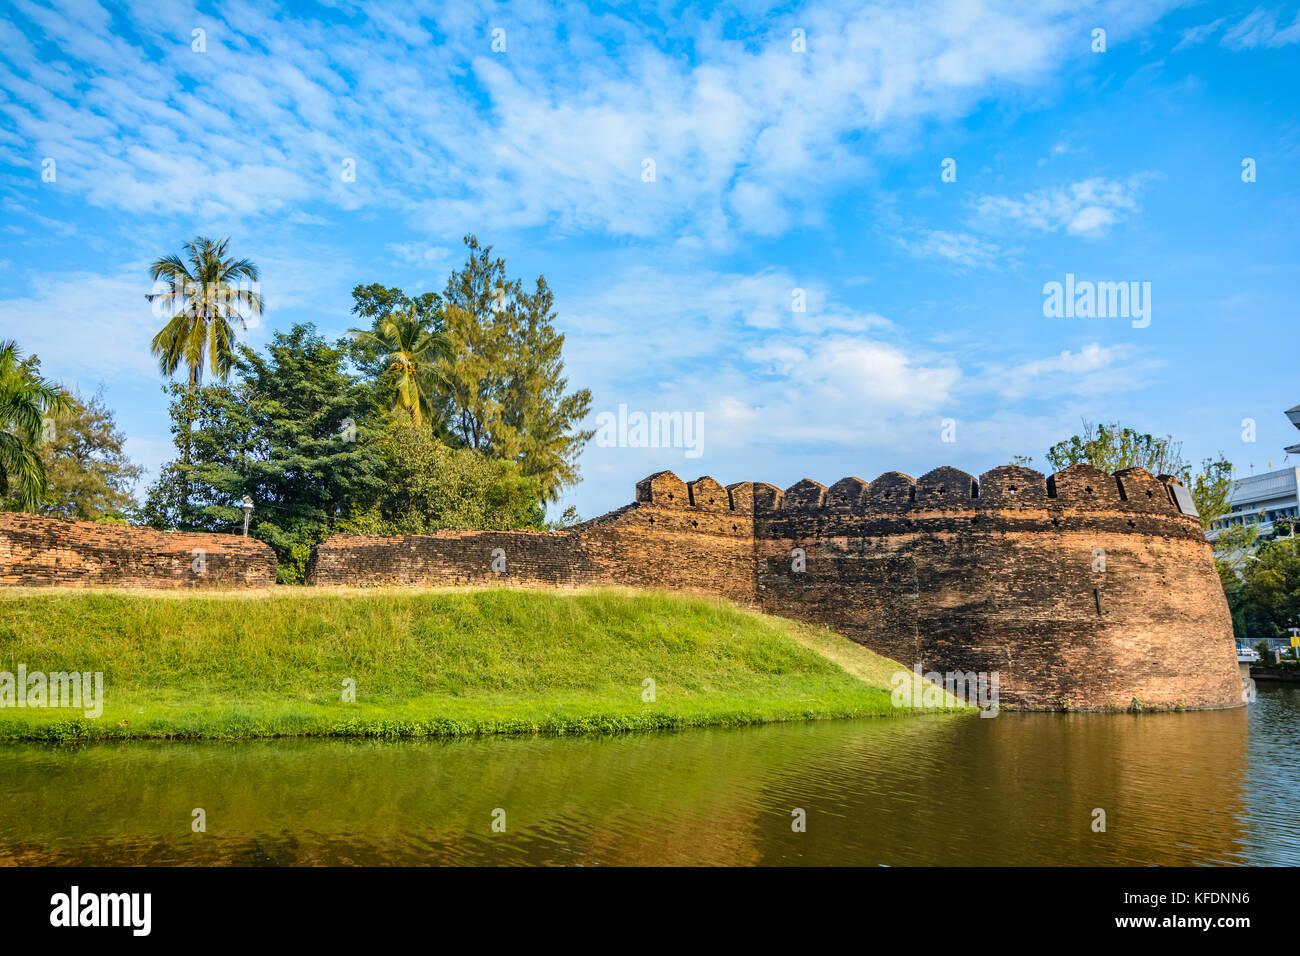 Part of the old city wall and moat at Ku Huang Corner, Chiang Mai, Thailand - Stock Image